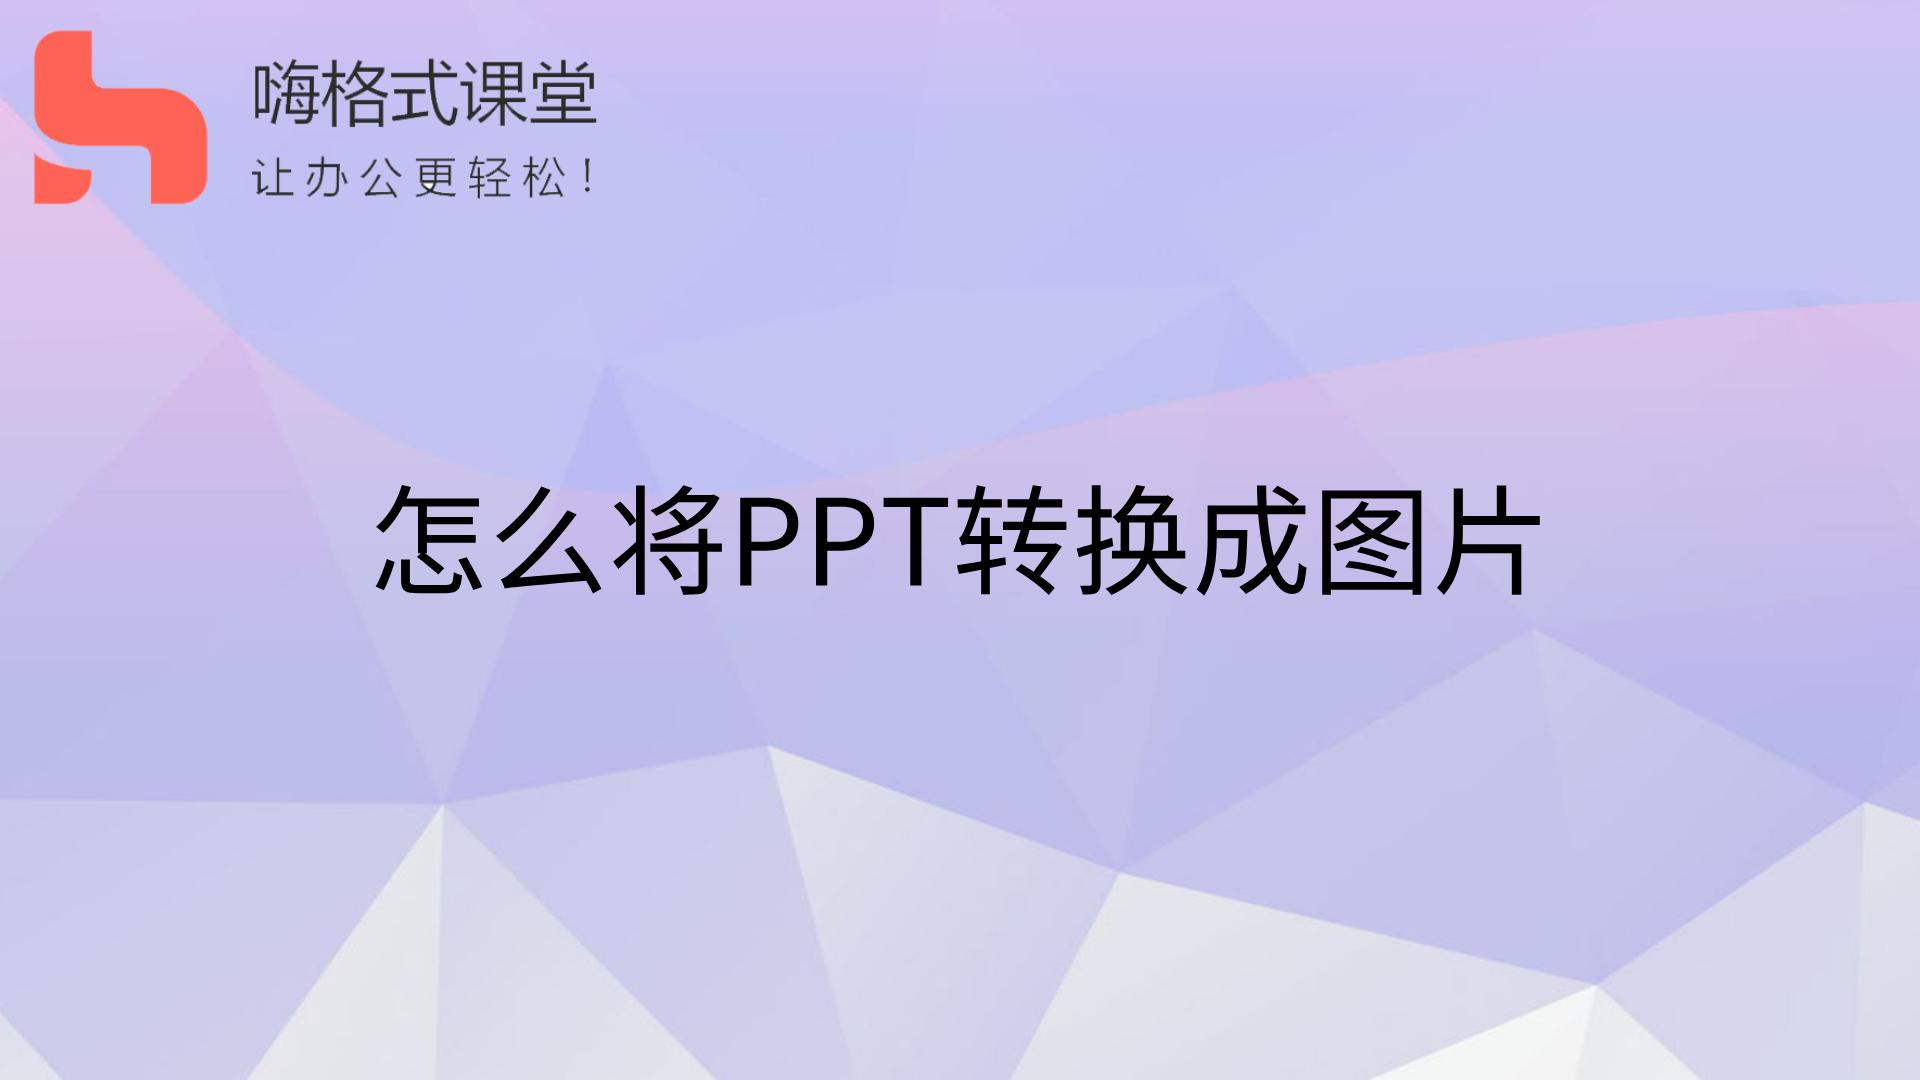 怎么将PPT转换成图片